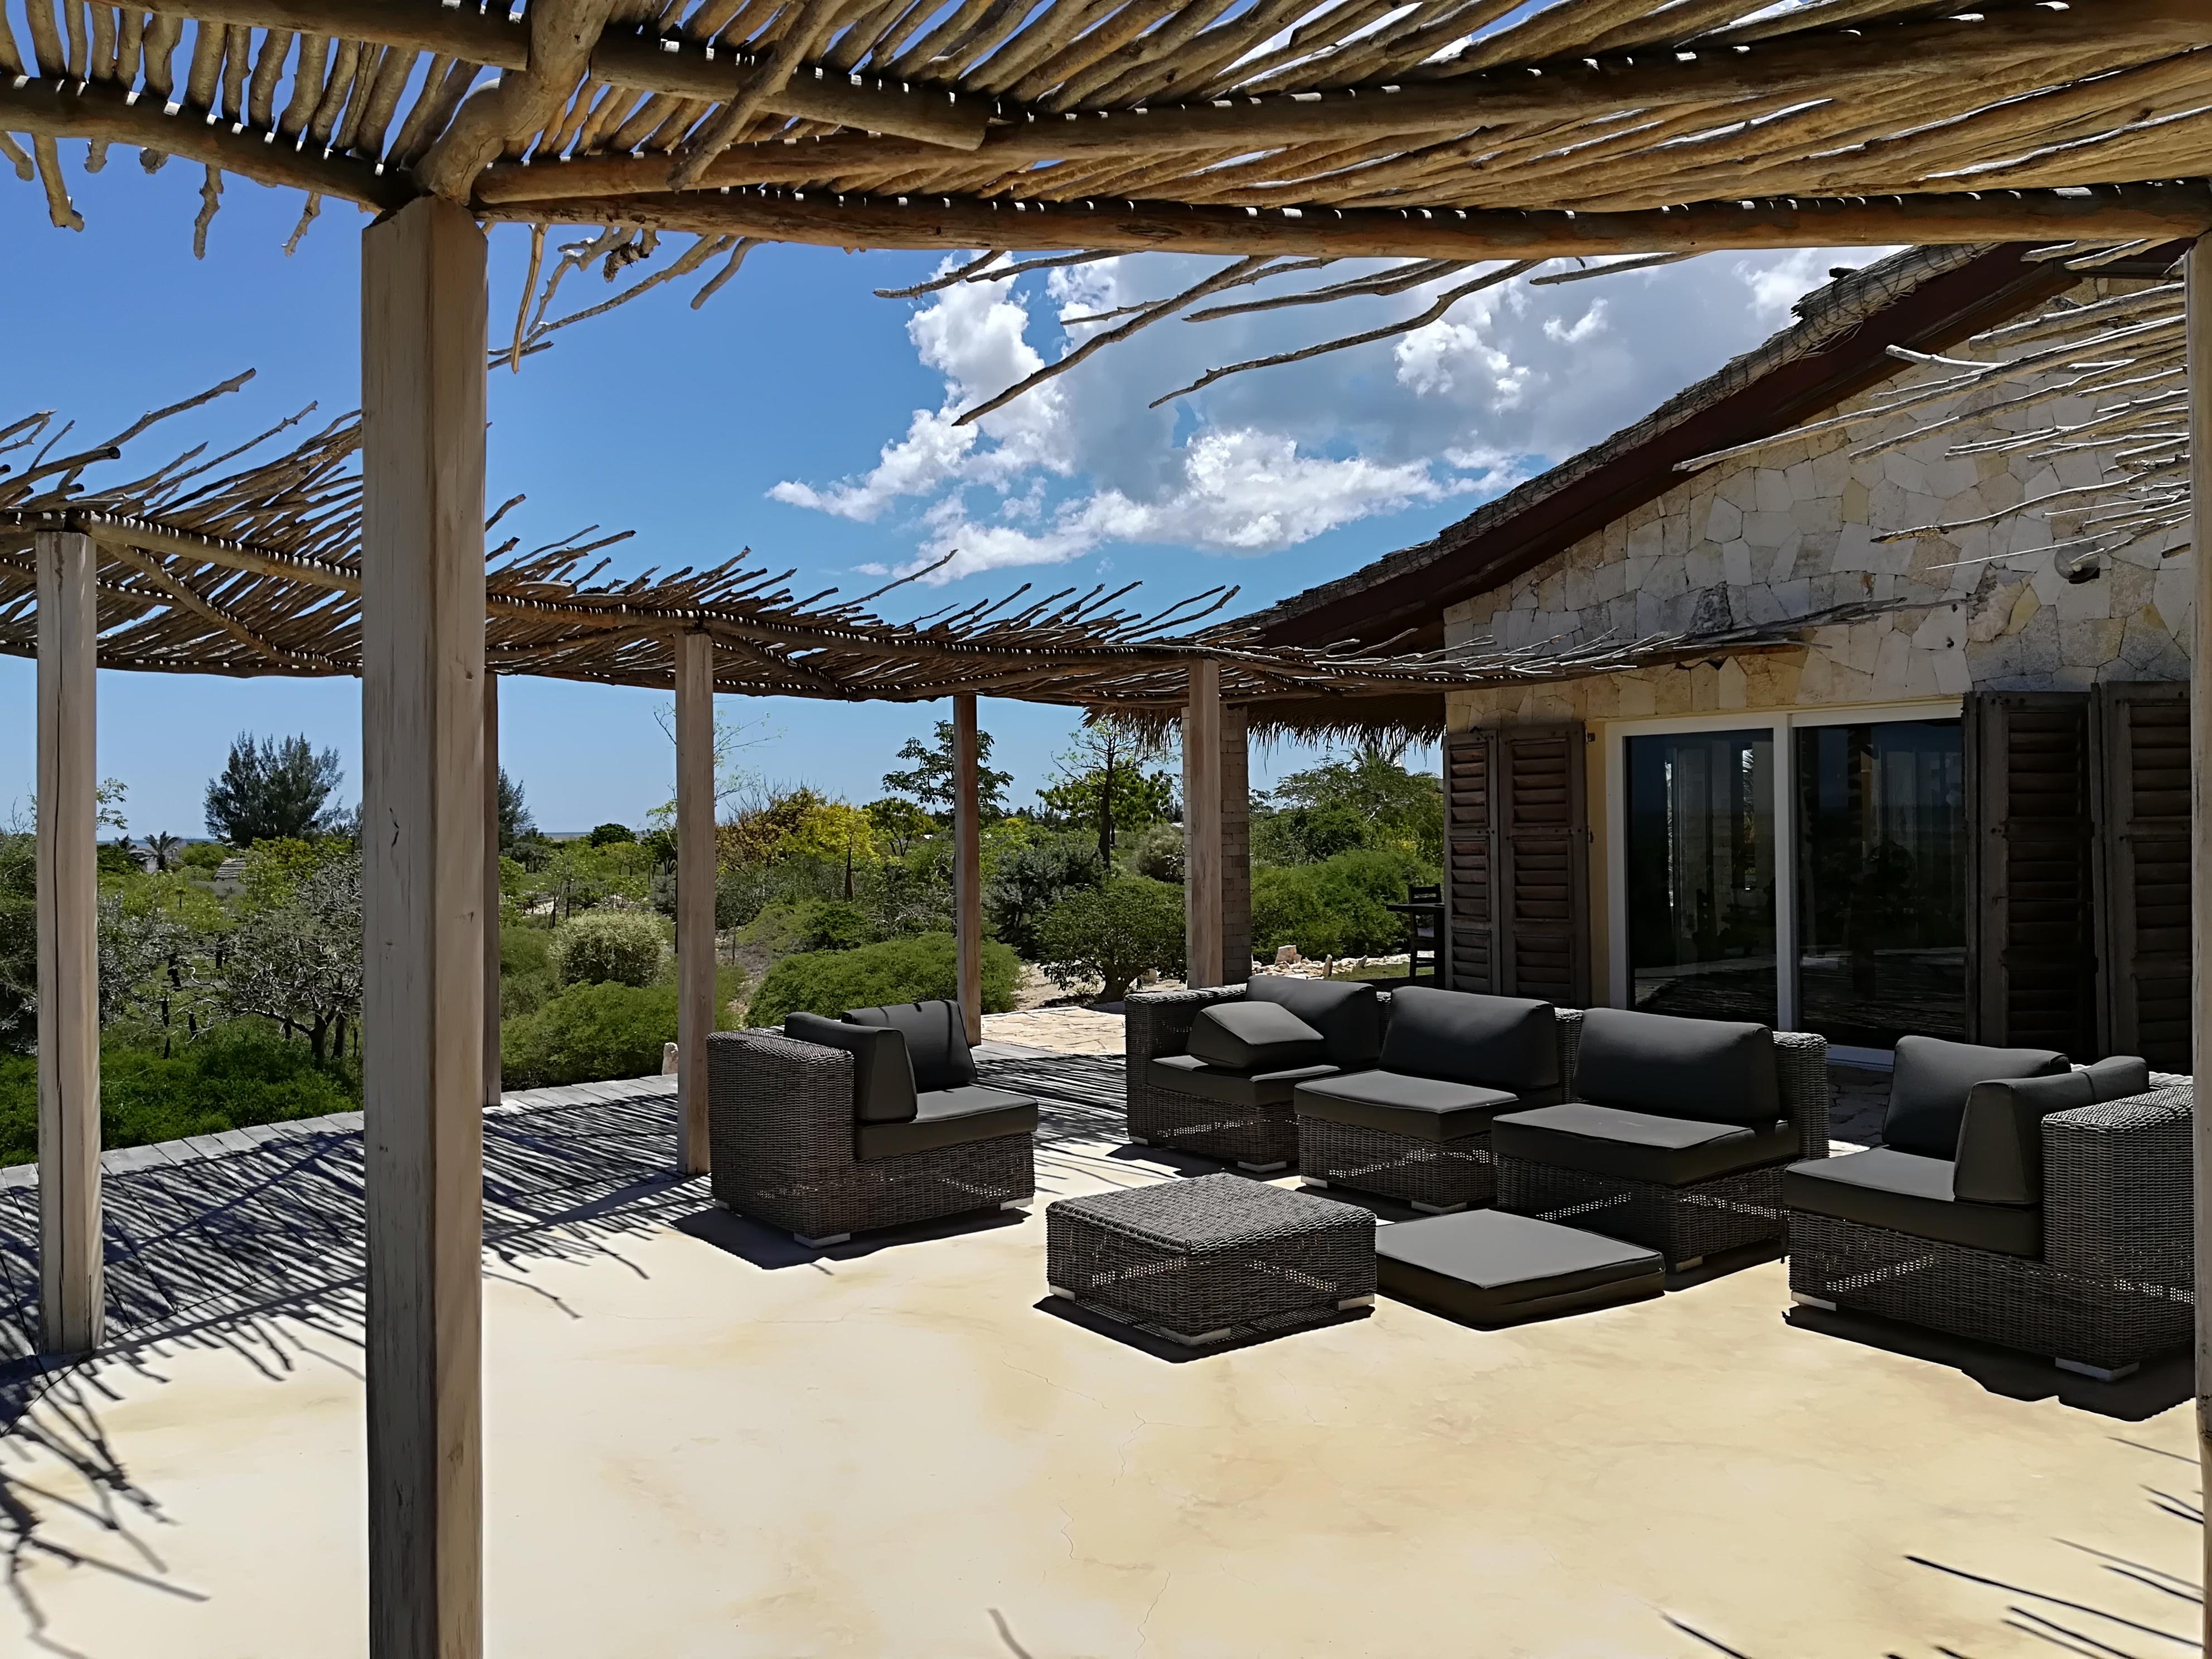 ?Ab Ambiance Salle De Bain ~ The Villa Villa Claire